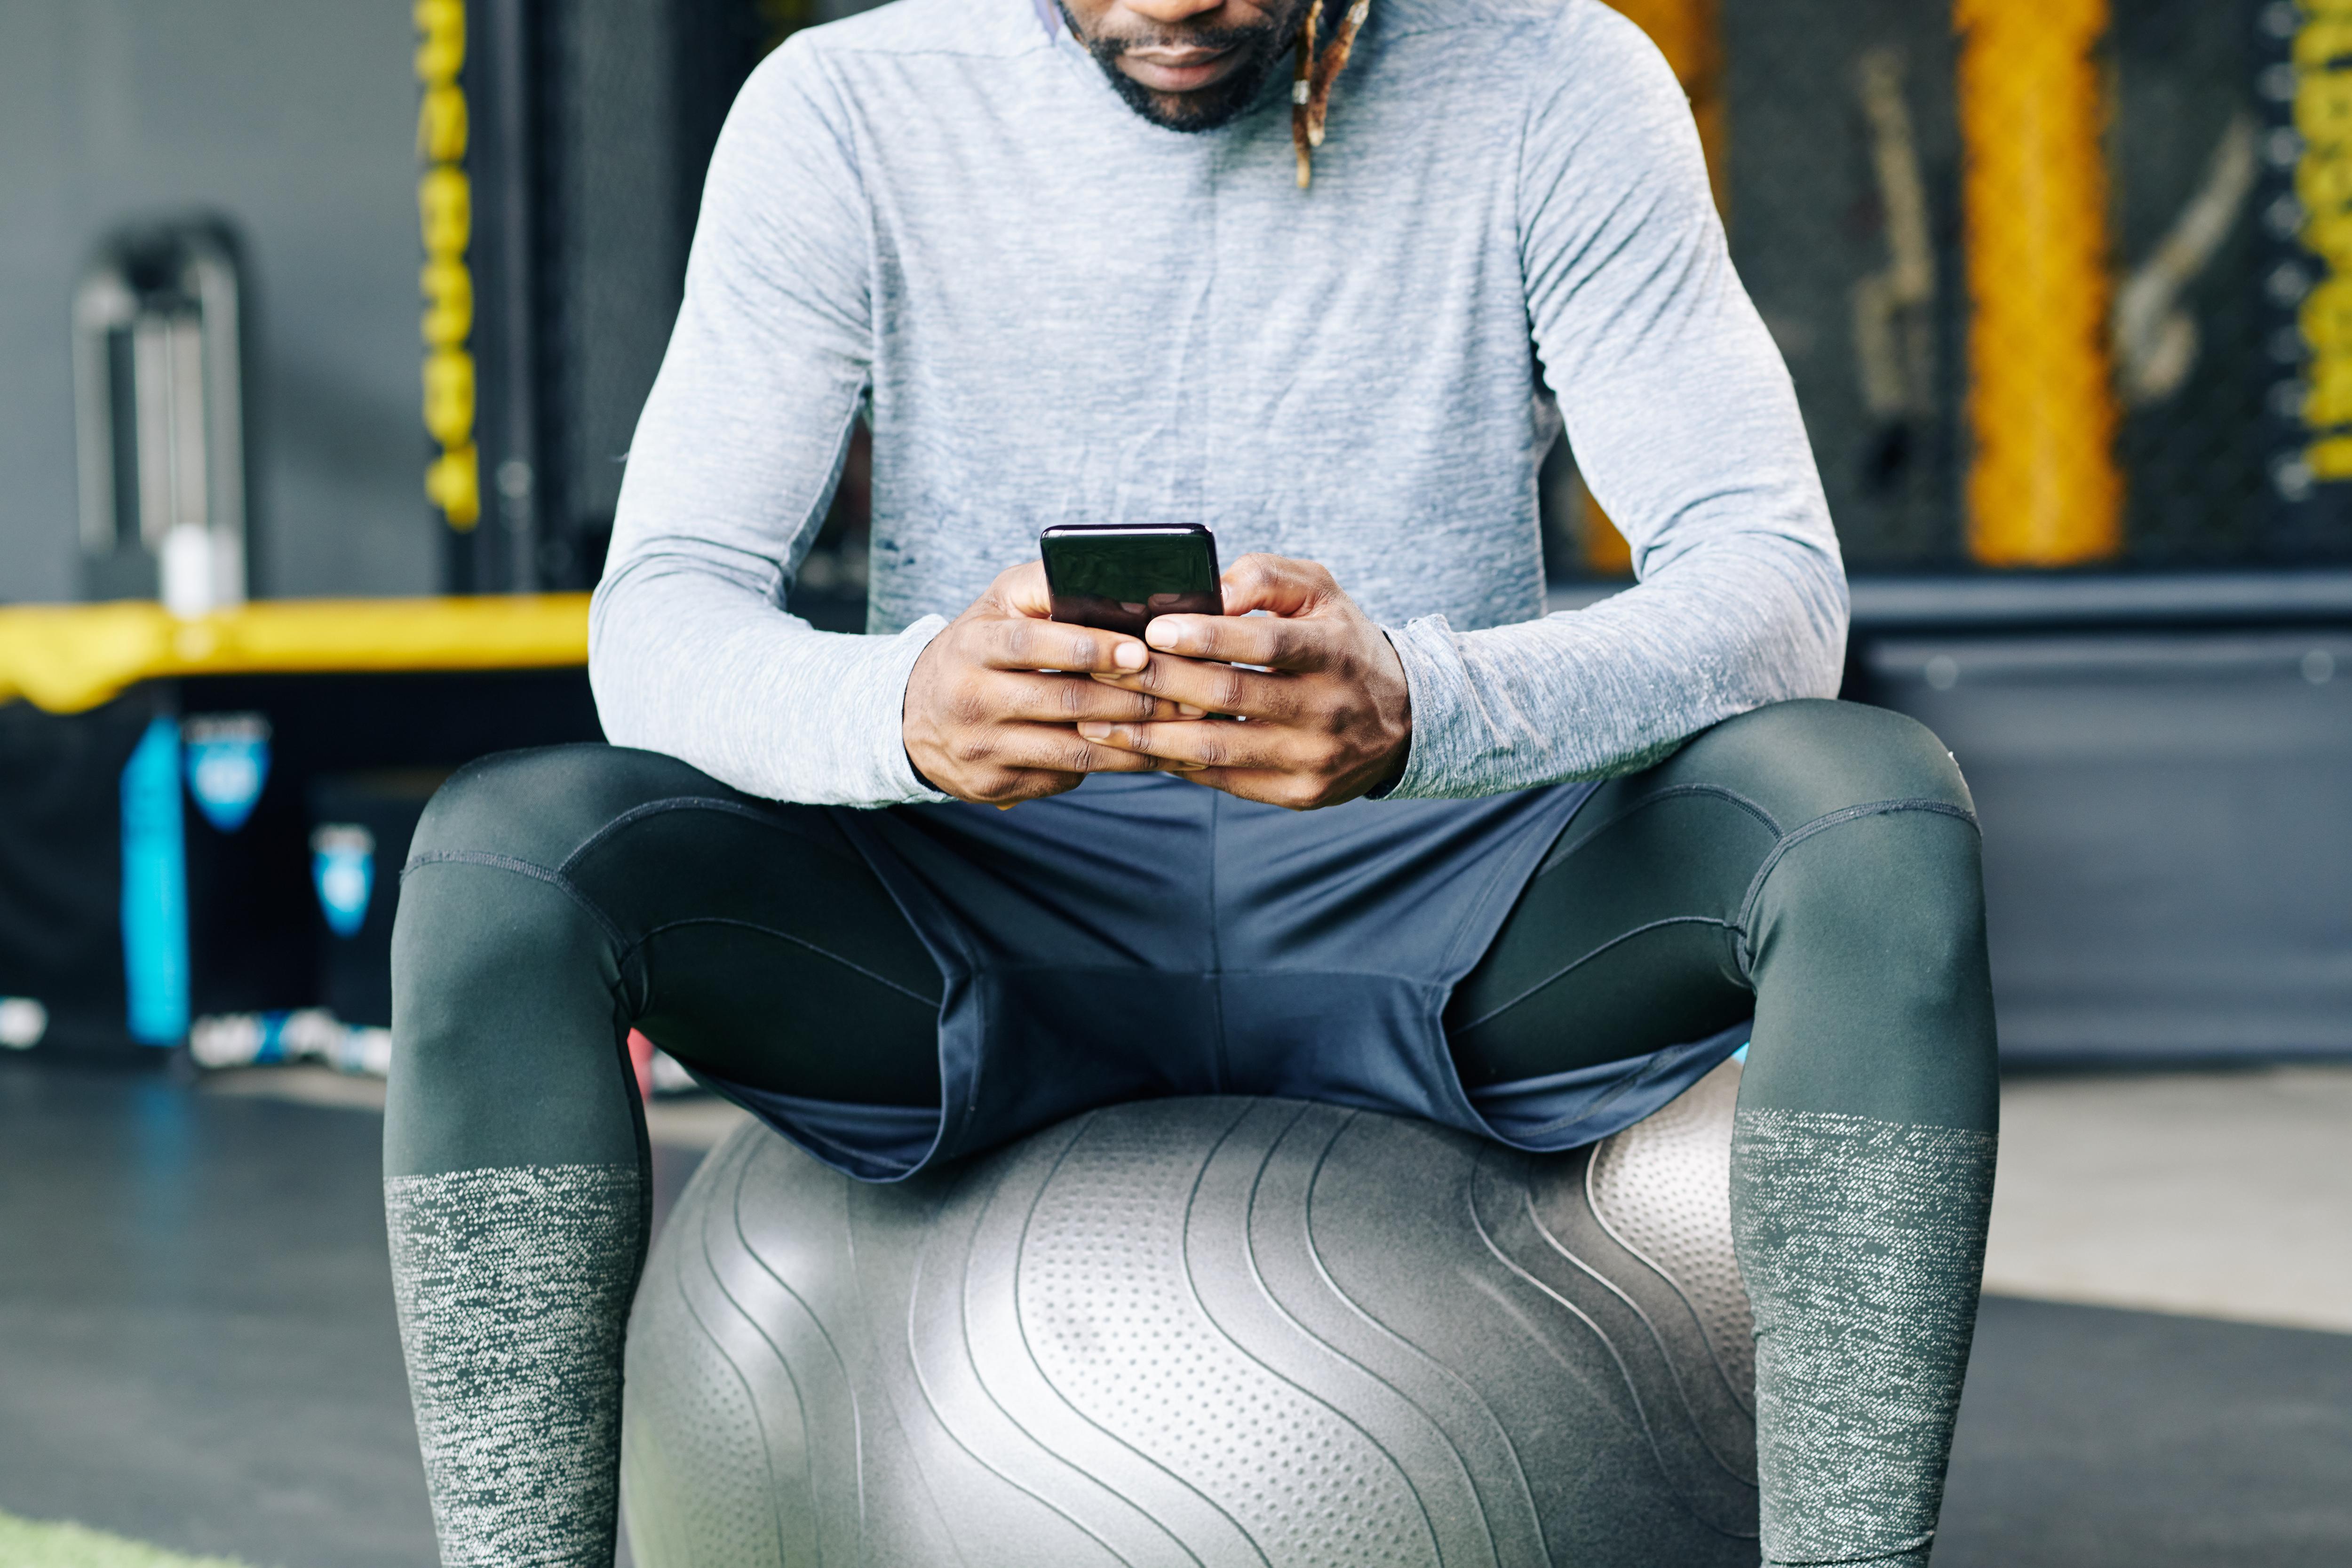 Mobil Sağlık Ve Fitness Uygulaması Kullanımı 2020'de Dünya Genelinde Hızla Yükseldi: